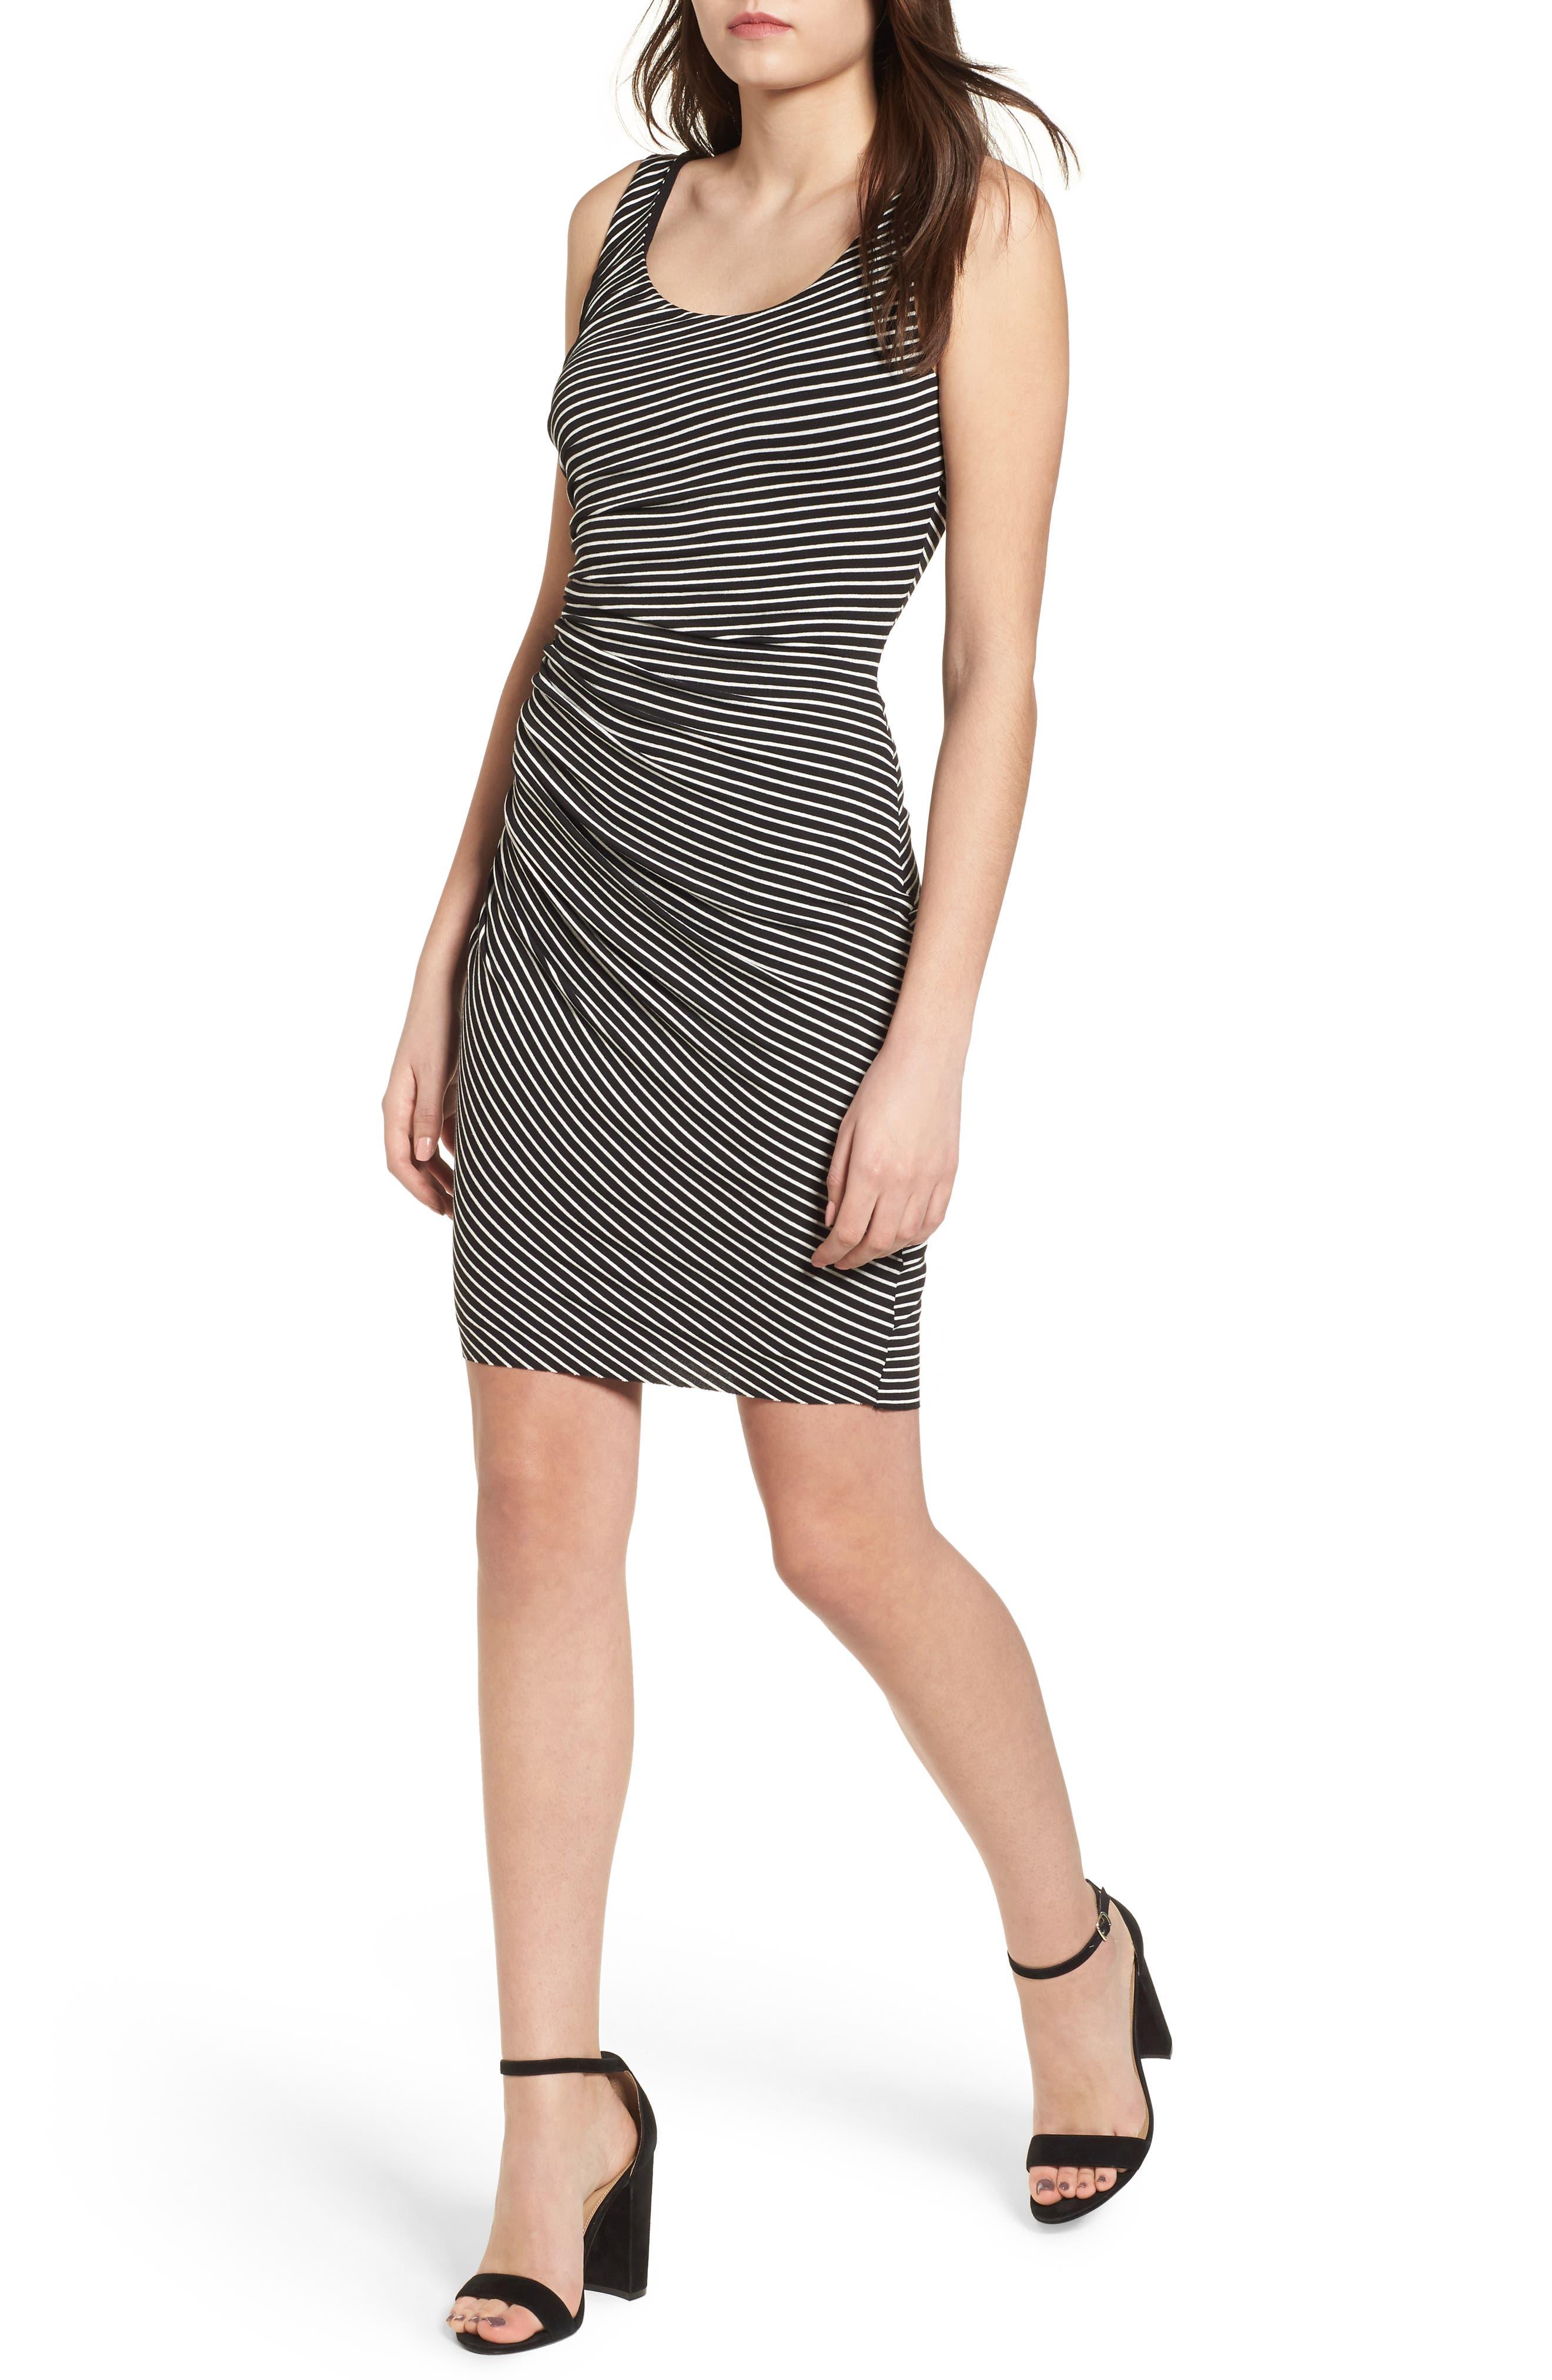 Alternate Image 1 Selected - Bailey 44 Dear One Stripe Tank Dress